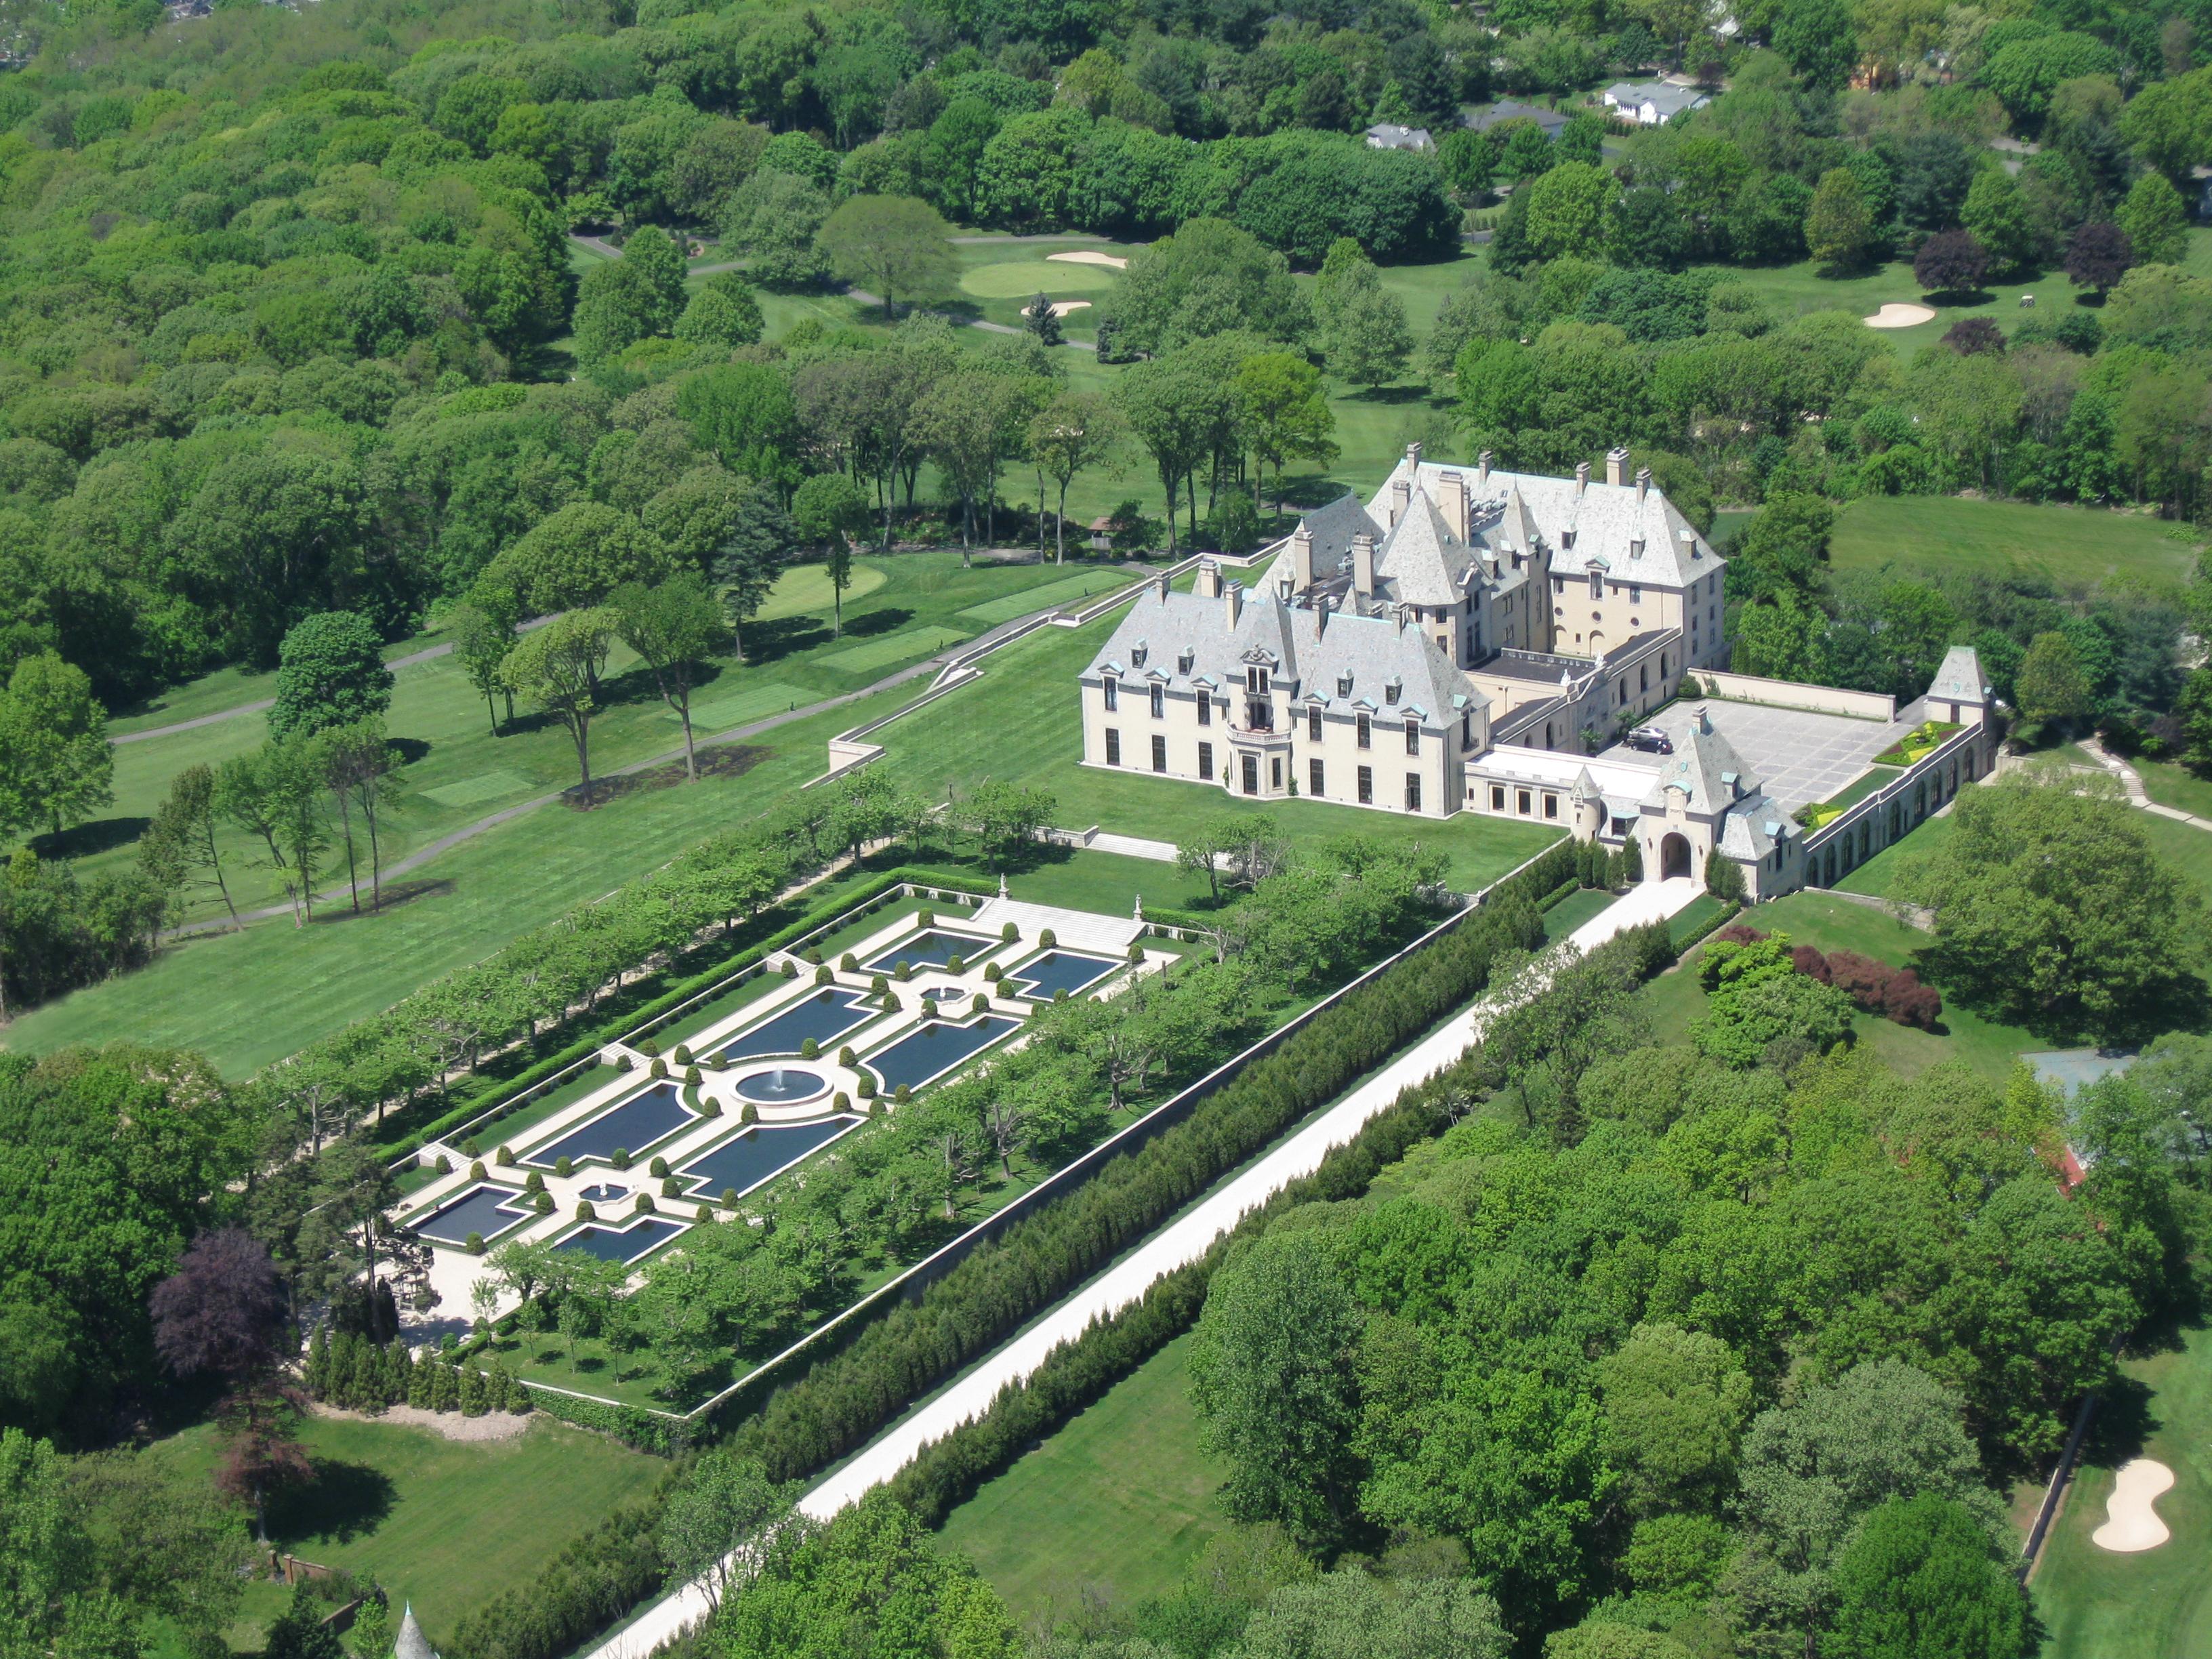 File:Oheka Castle.jpg